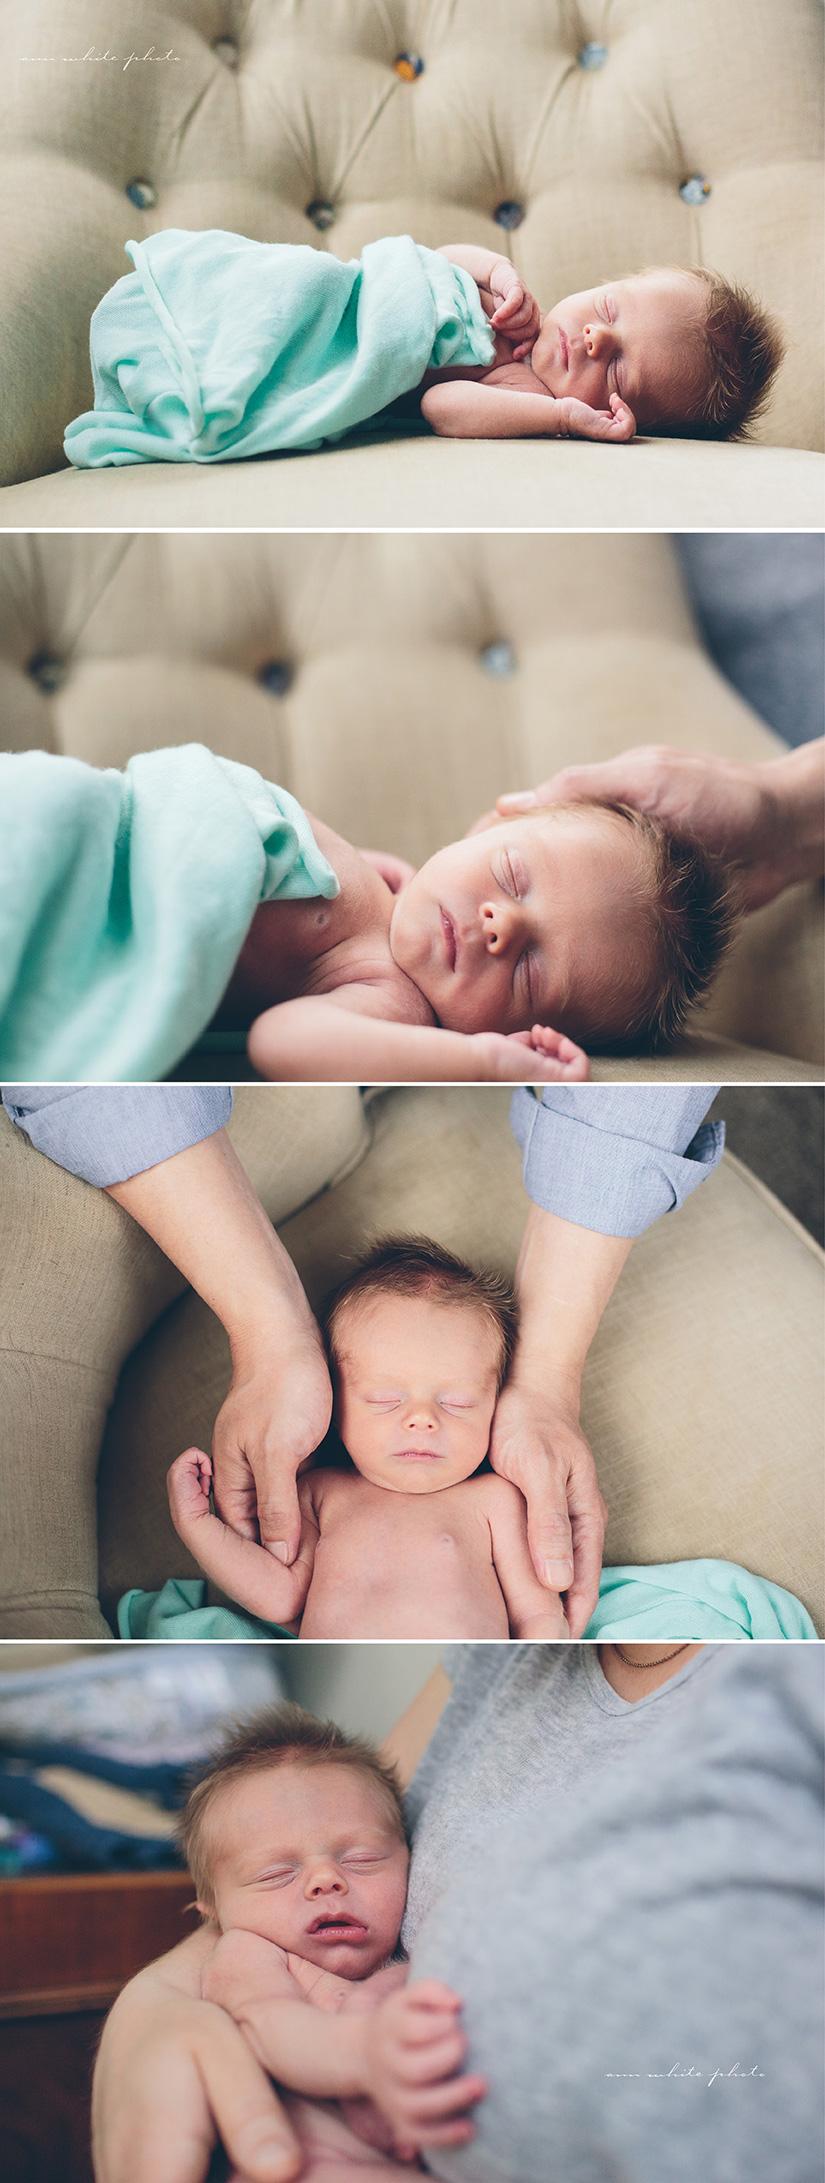 Oliver_newborn_blog14.jpg